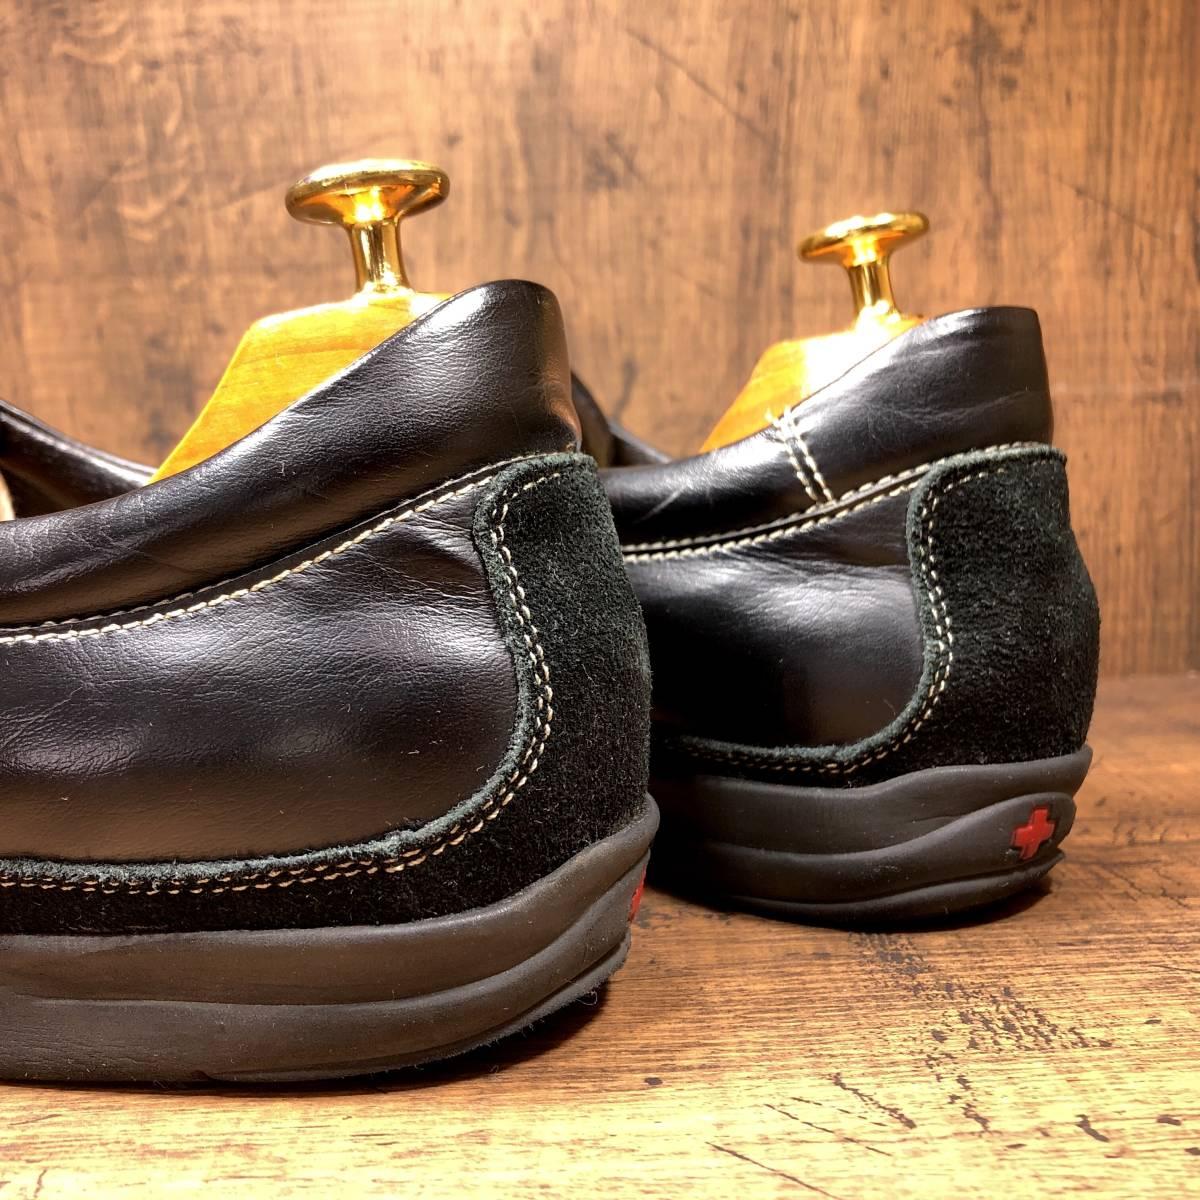 ■CASTELBAJAC■ 26cm 黒 ブラック カステルバジャック スニーカー メンズ 靴 くつ 中古 ヤフネコ 即決_画像7